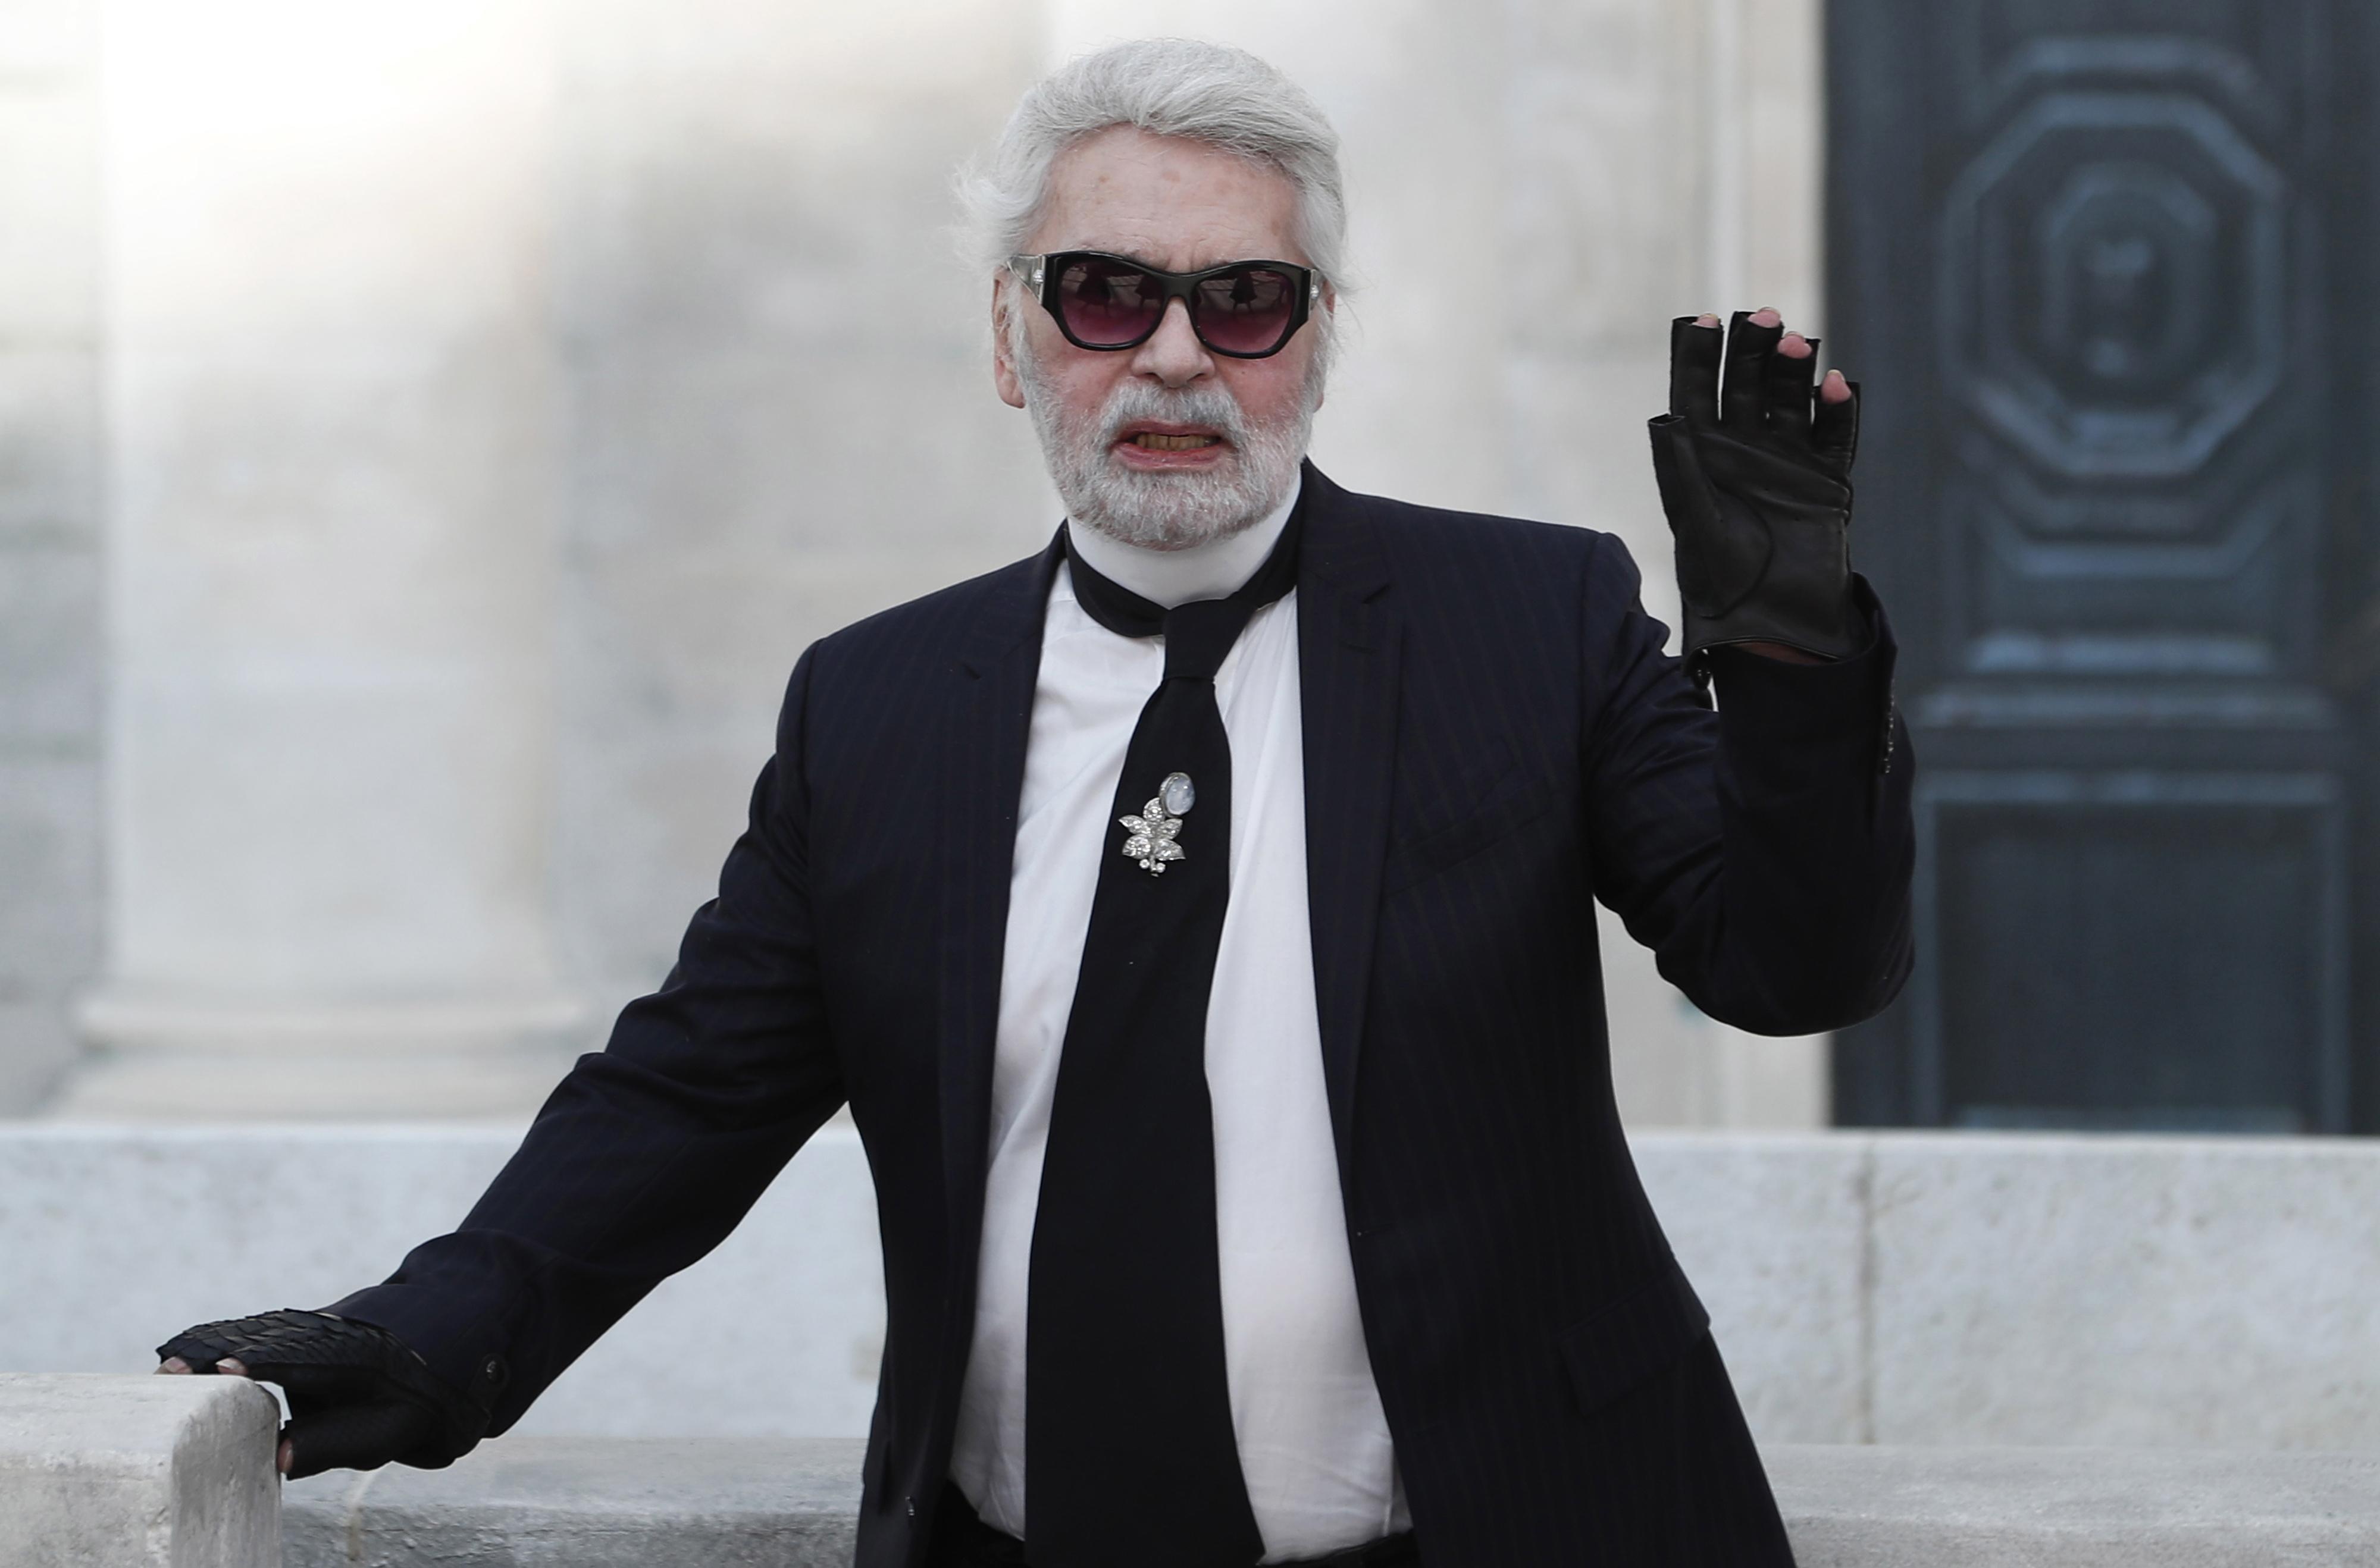 b9ead73702 Morreu o criador alemão Karl Lagerfeld - Internacional — SAPO